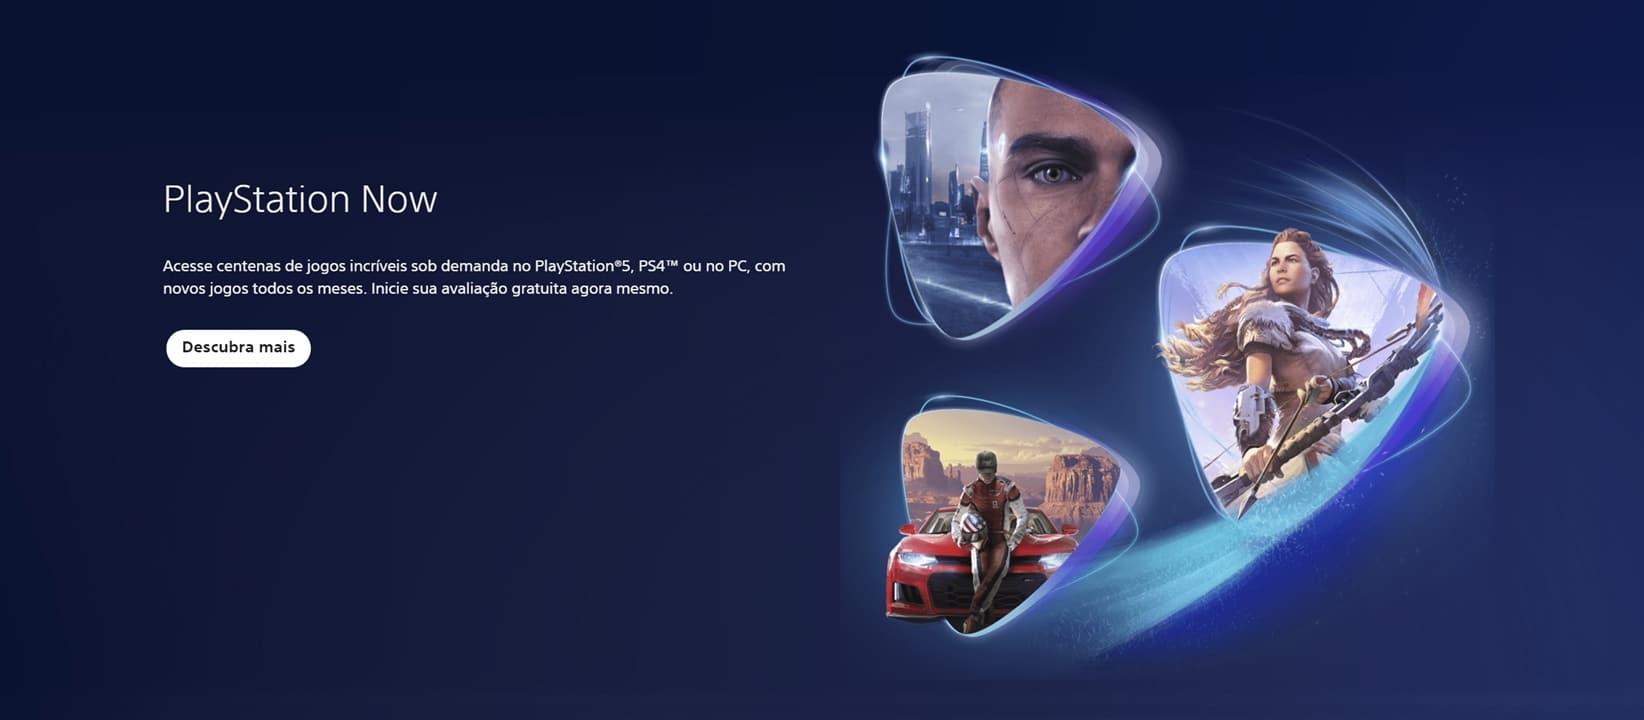 Logo da PlayStation Now em azul com vários ícones de jogos da casa.